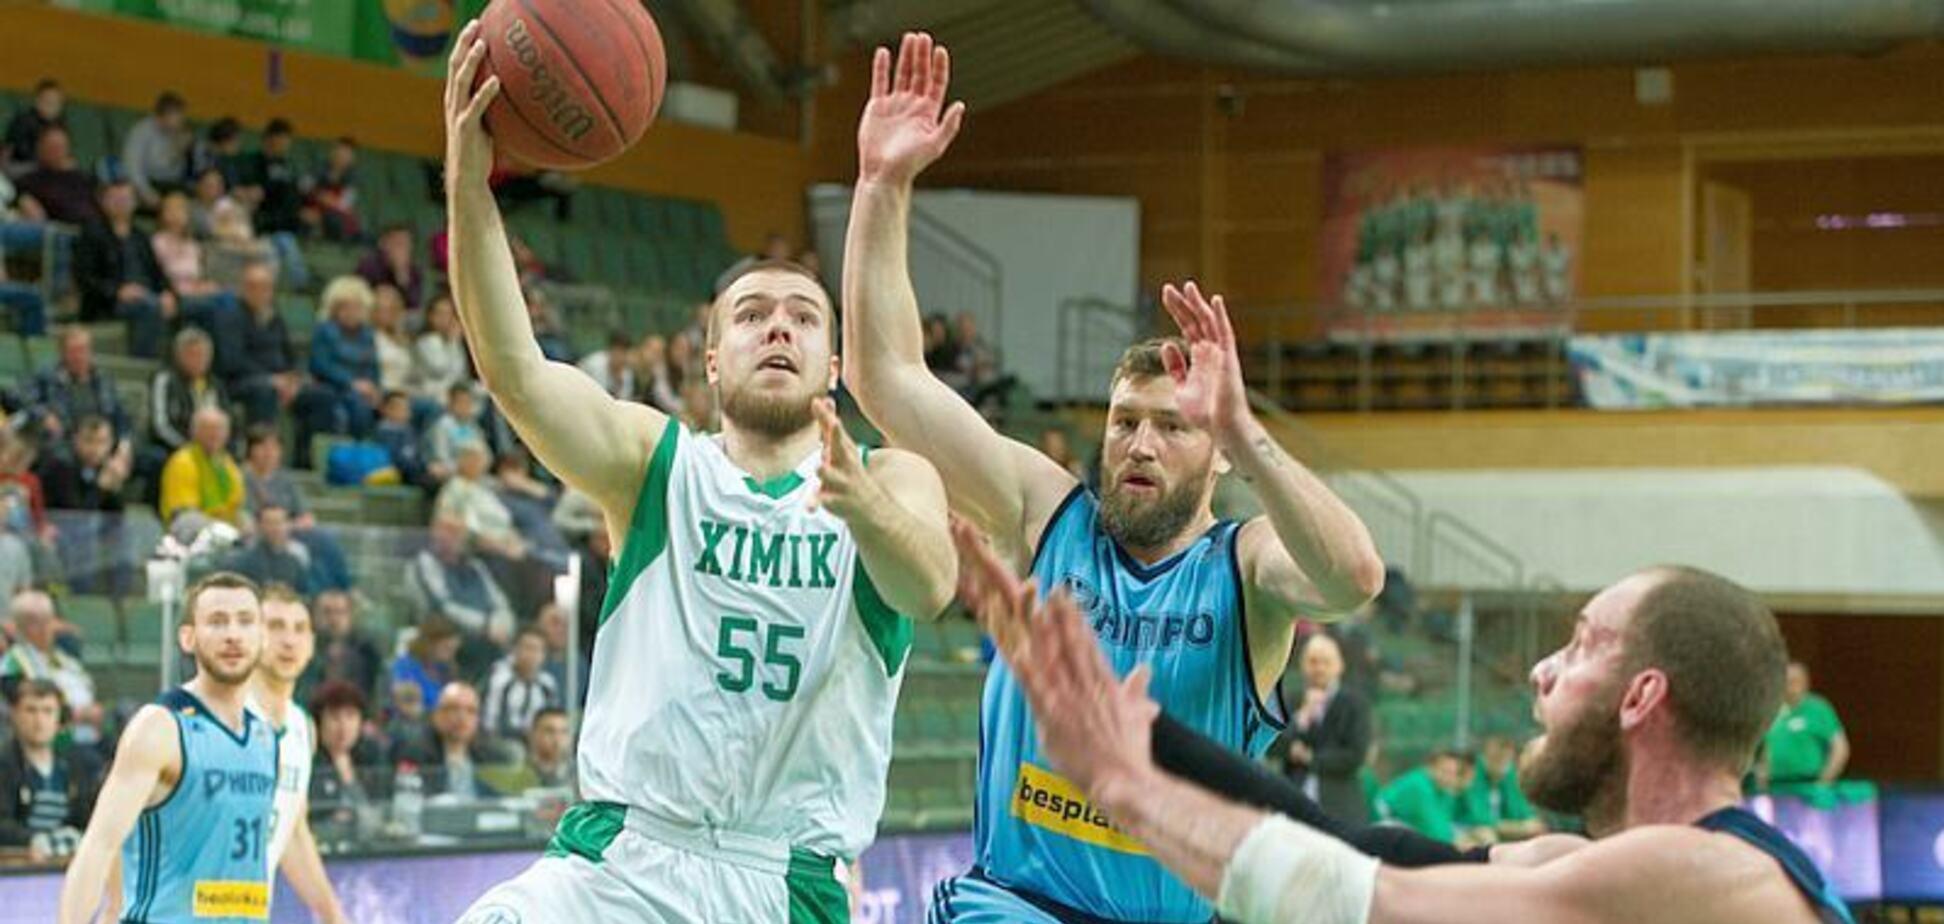 Химик – Днепр: видеотрансляция матча за Суперкубок Украины по баскетболу